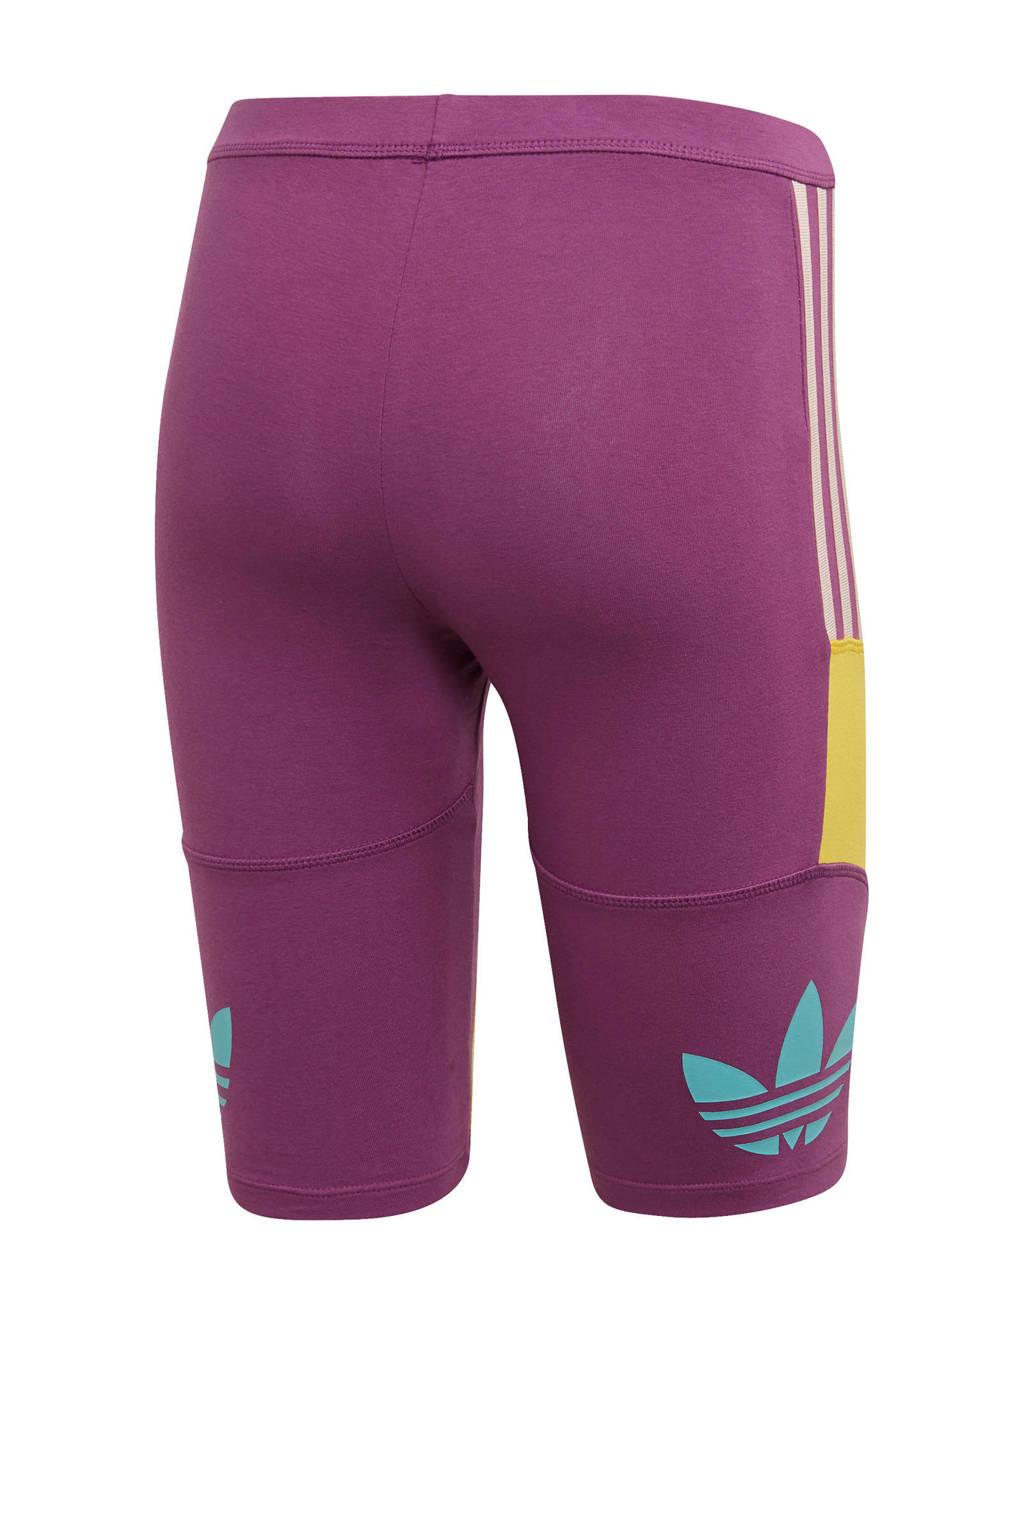 adidas originals cycling short paars/geel, Paars/geel